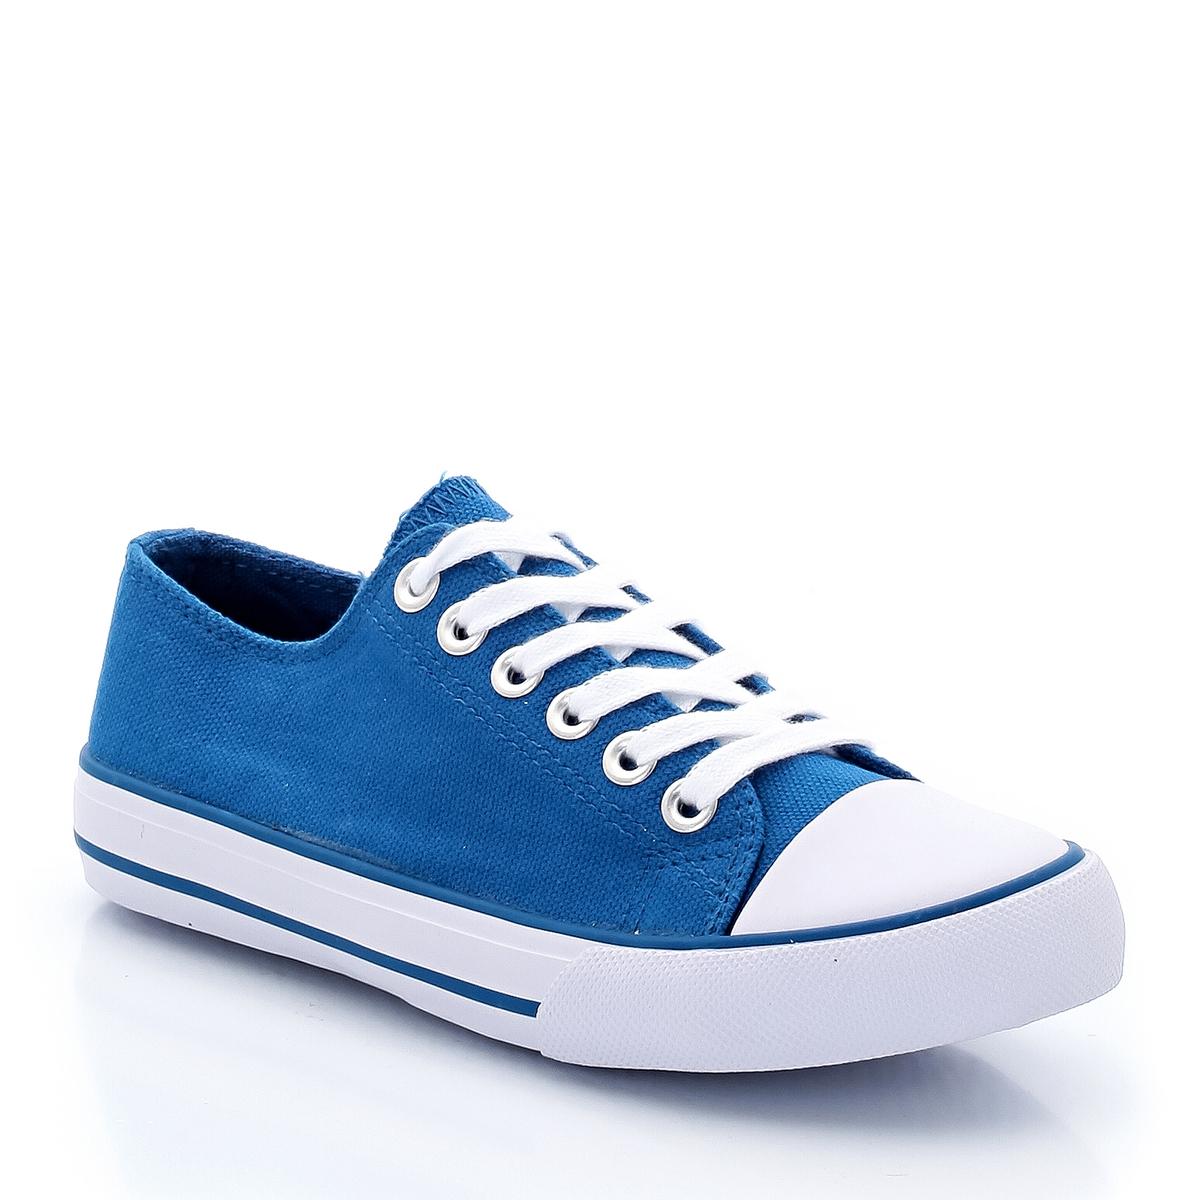 Кеды тканевые, размеры 26-40Описание:Детали •  Спортивный стиль •  Плоский каблук •  Застежка : шнуровка •  Гладкая отделкаСостав и уход •  Верх/Голенище : 100% хлопок •  Подкладка : 100% хлопок •  Стелька : 100% хлопок •  Подошва : 100% каучук<br><br>Цвет: синий морской,синий<br>Размер: 34.29